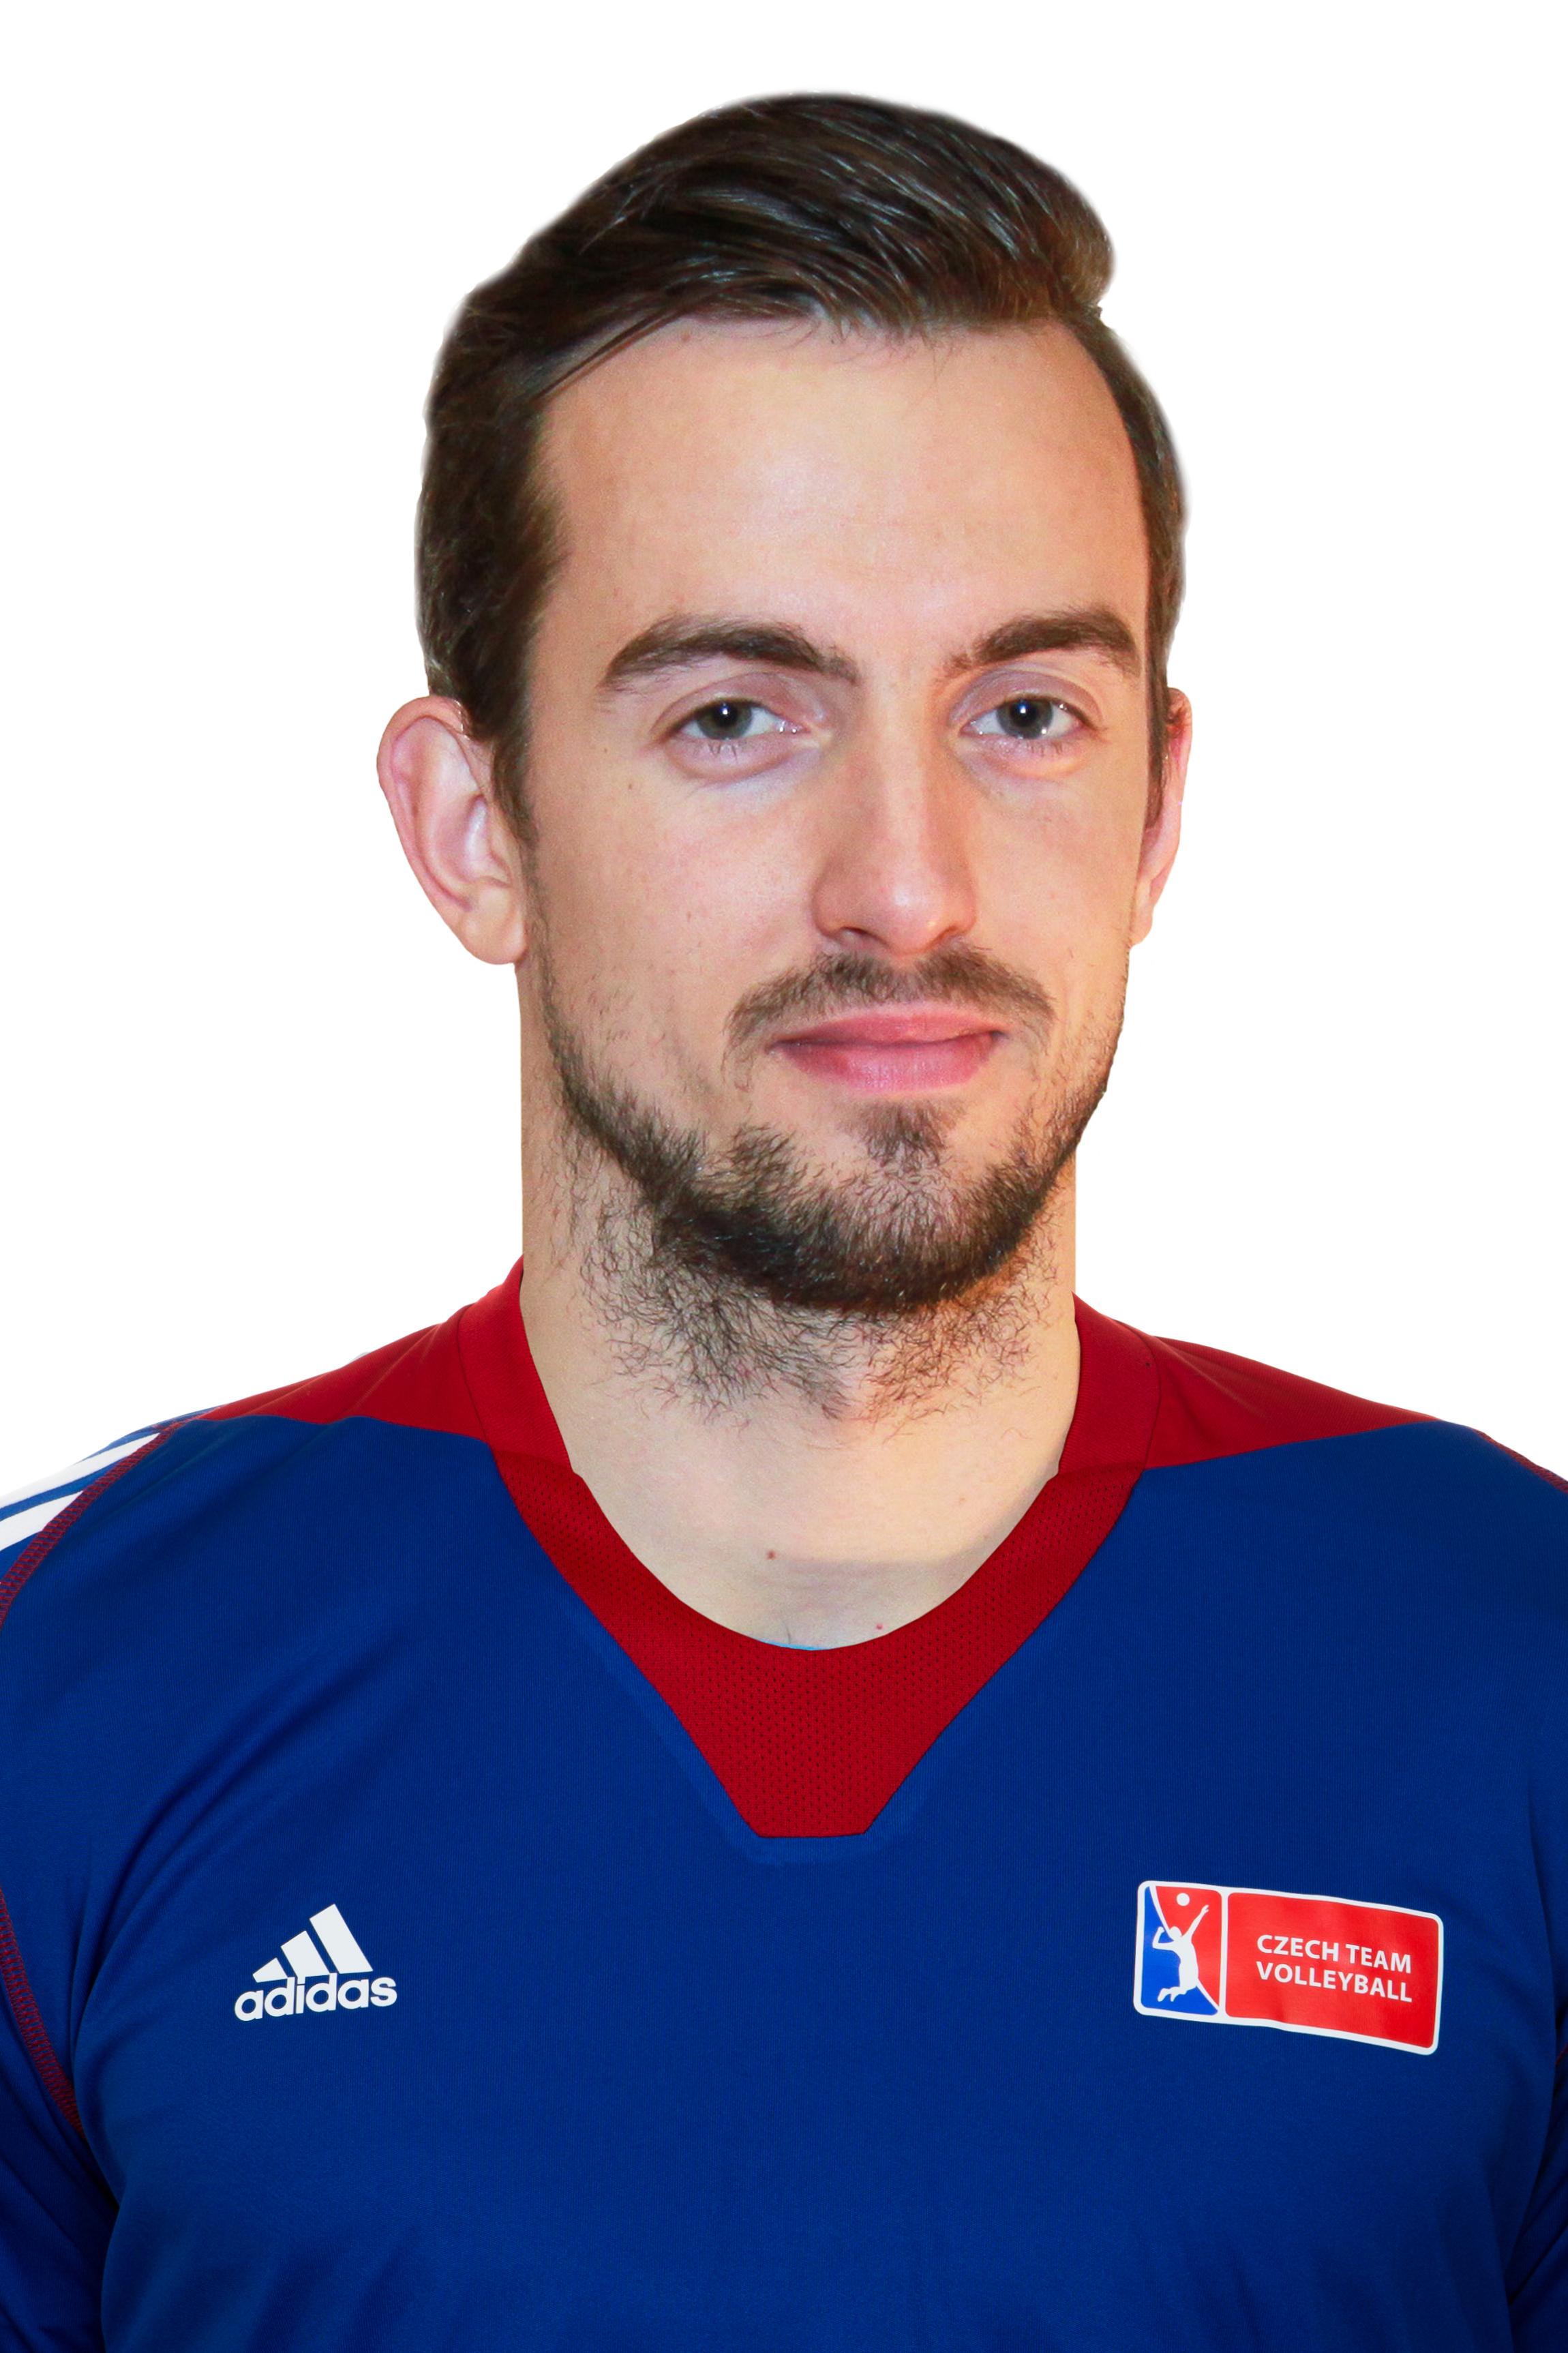 Filip Krestan